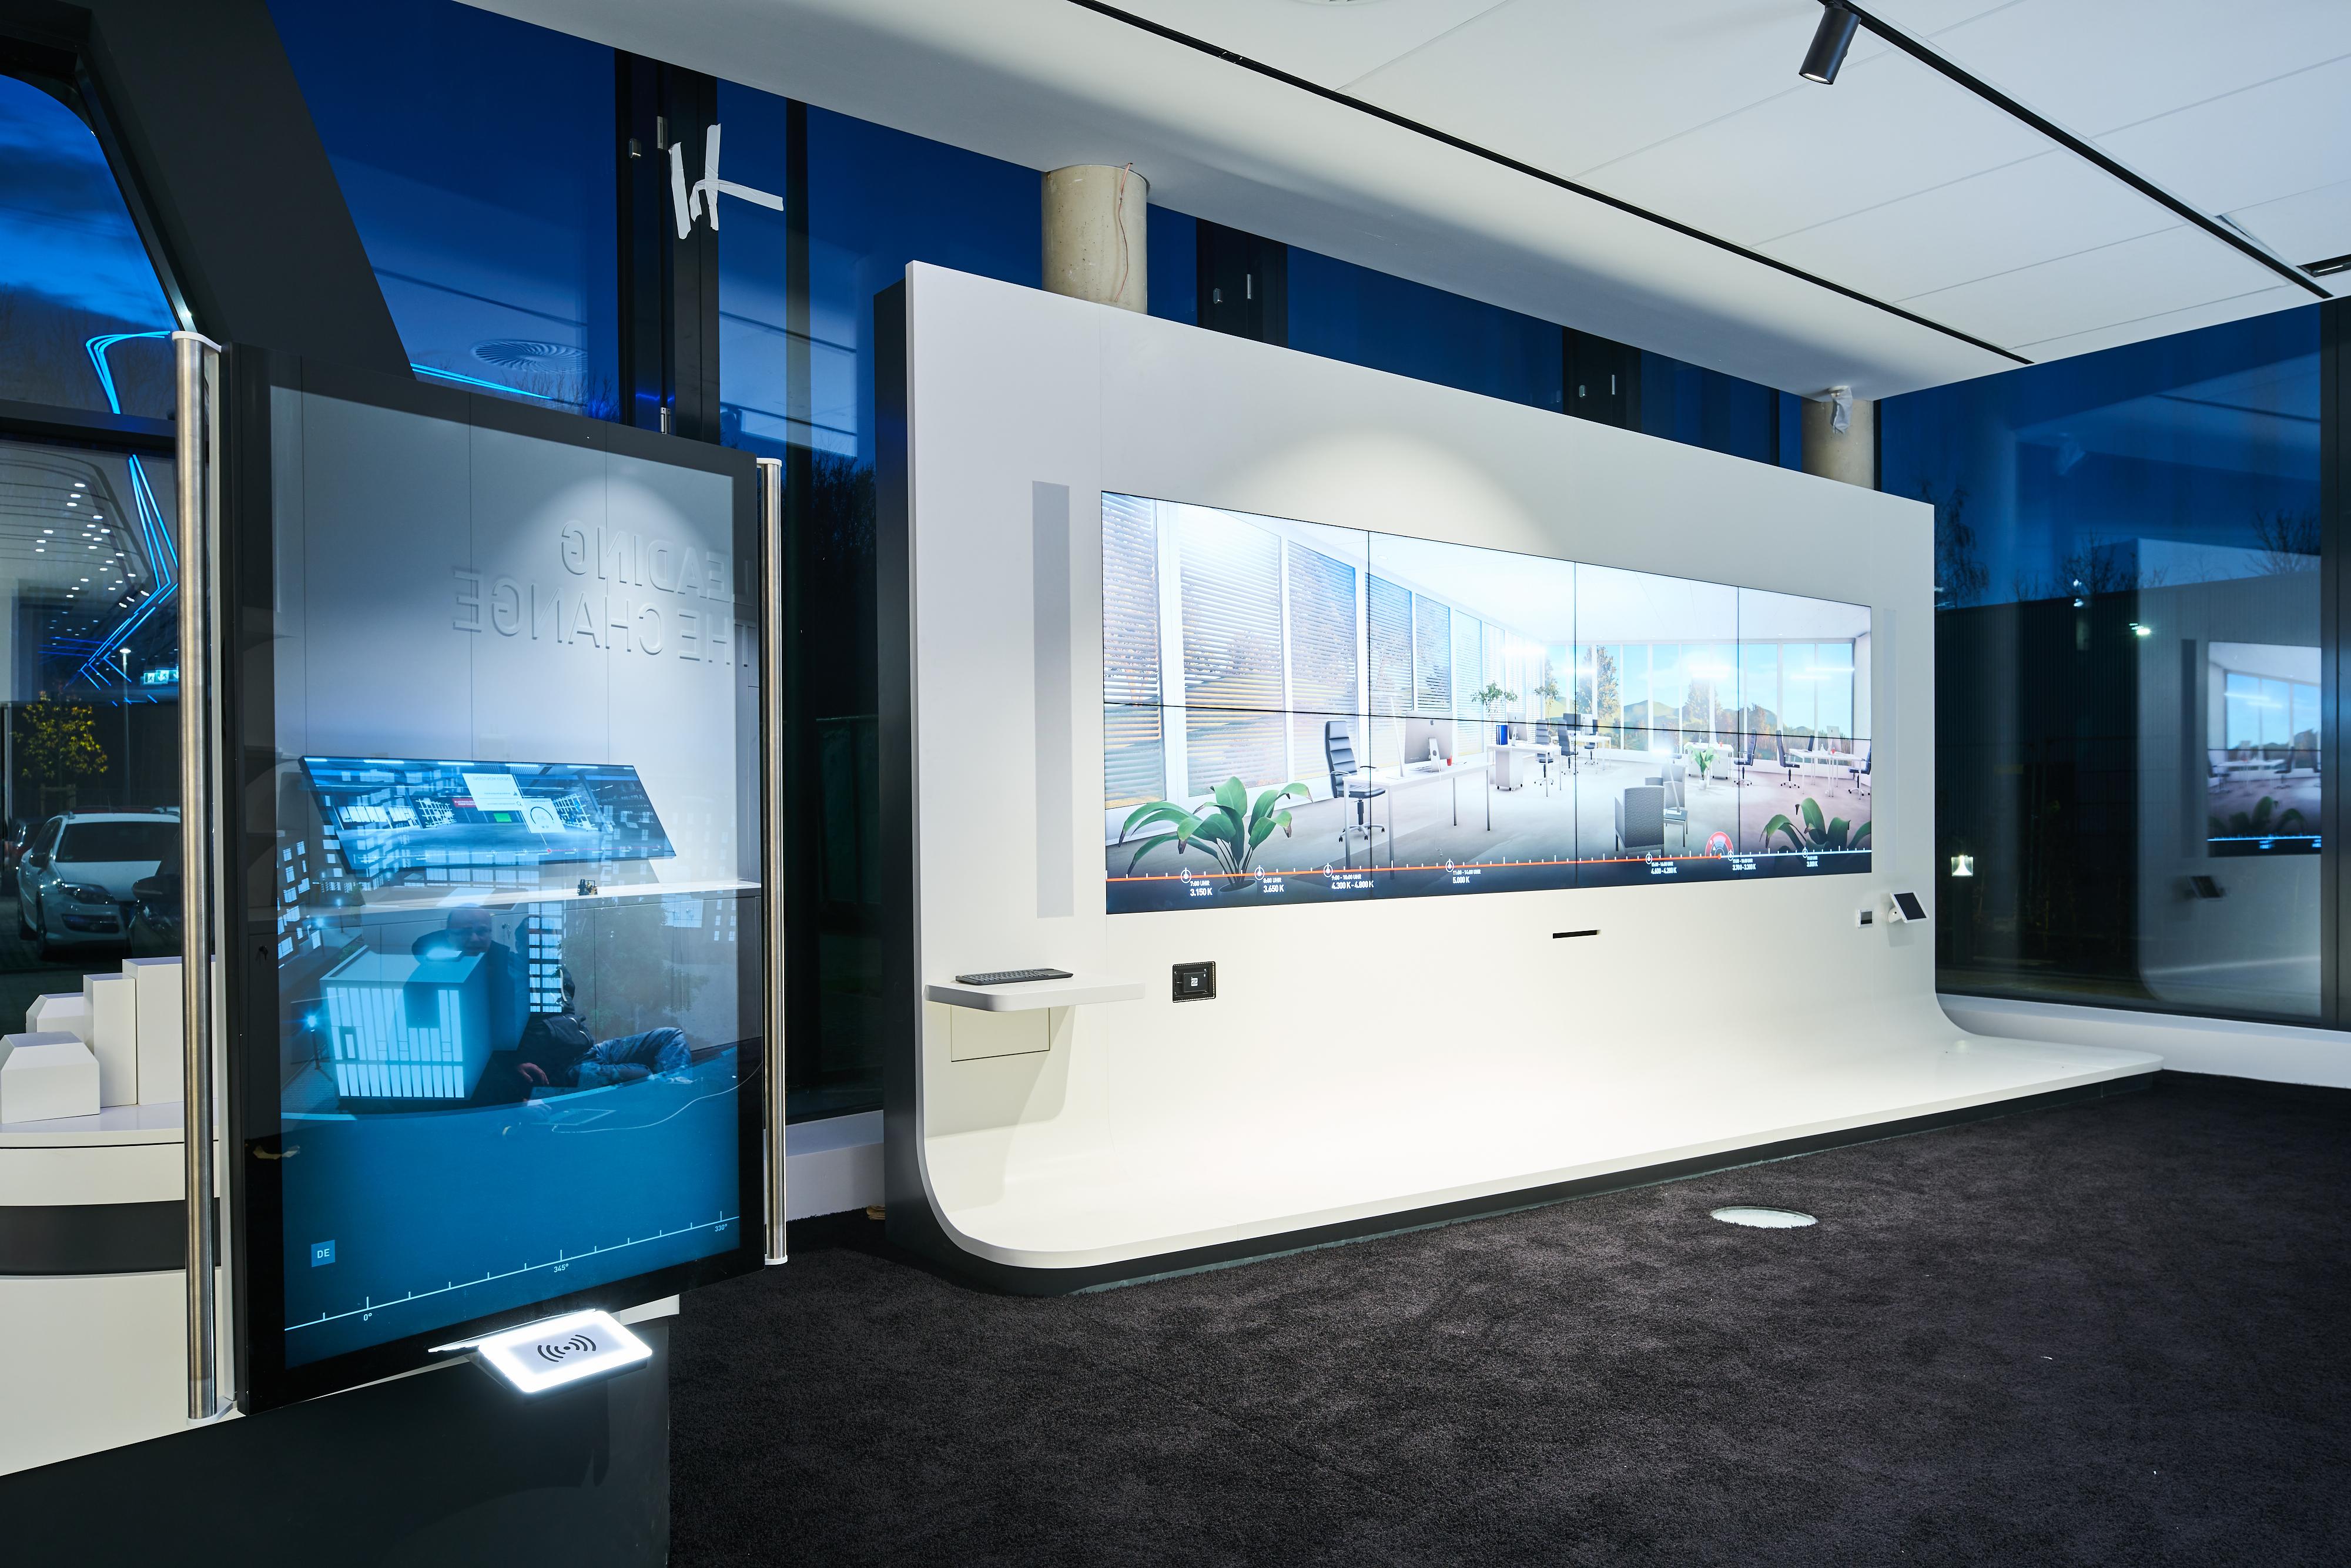 6345 TRILUX Licht Campus K ln 4 - Moderne Arbeitswelten in der Metropolregion – TRILUX eröffnet neuen Standort in Köln